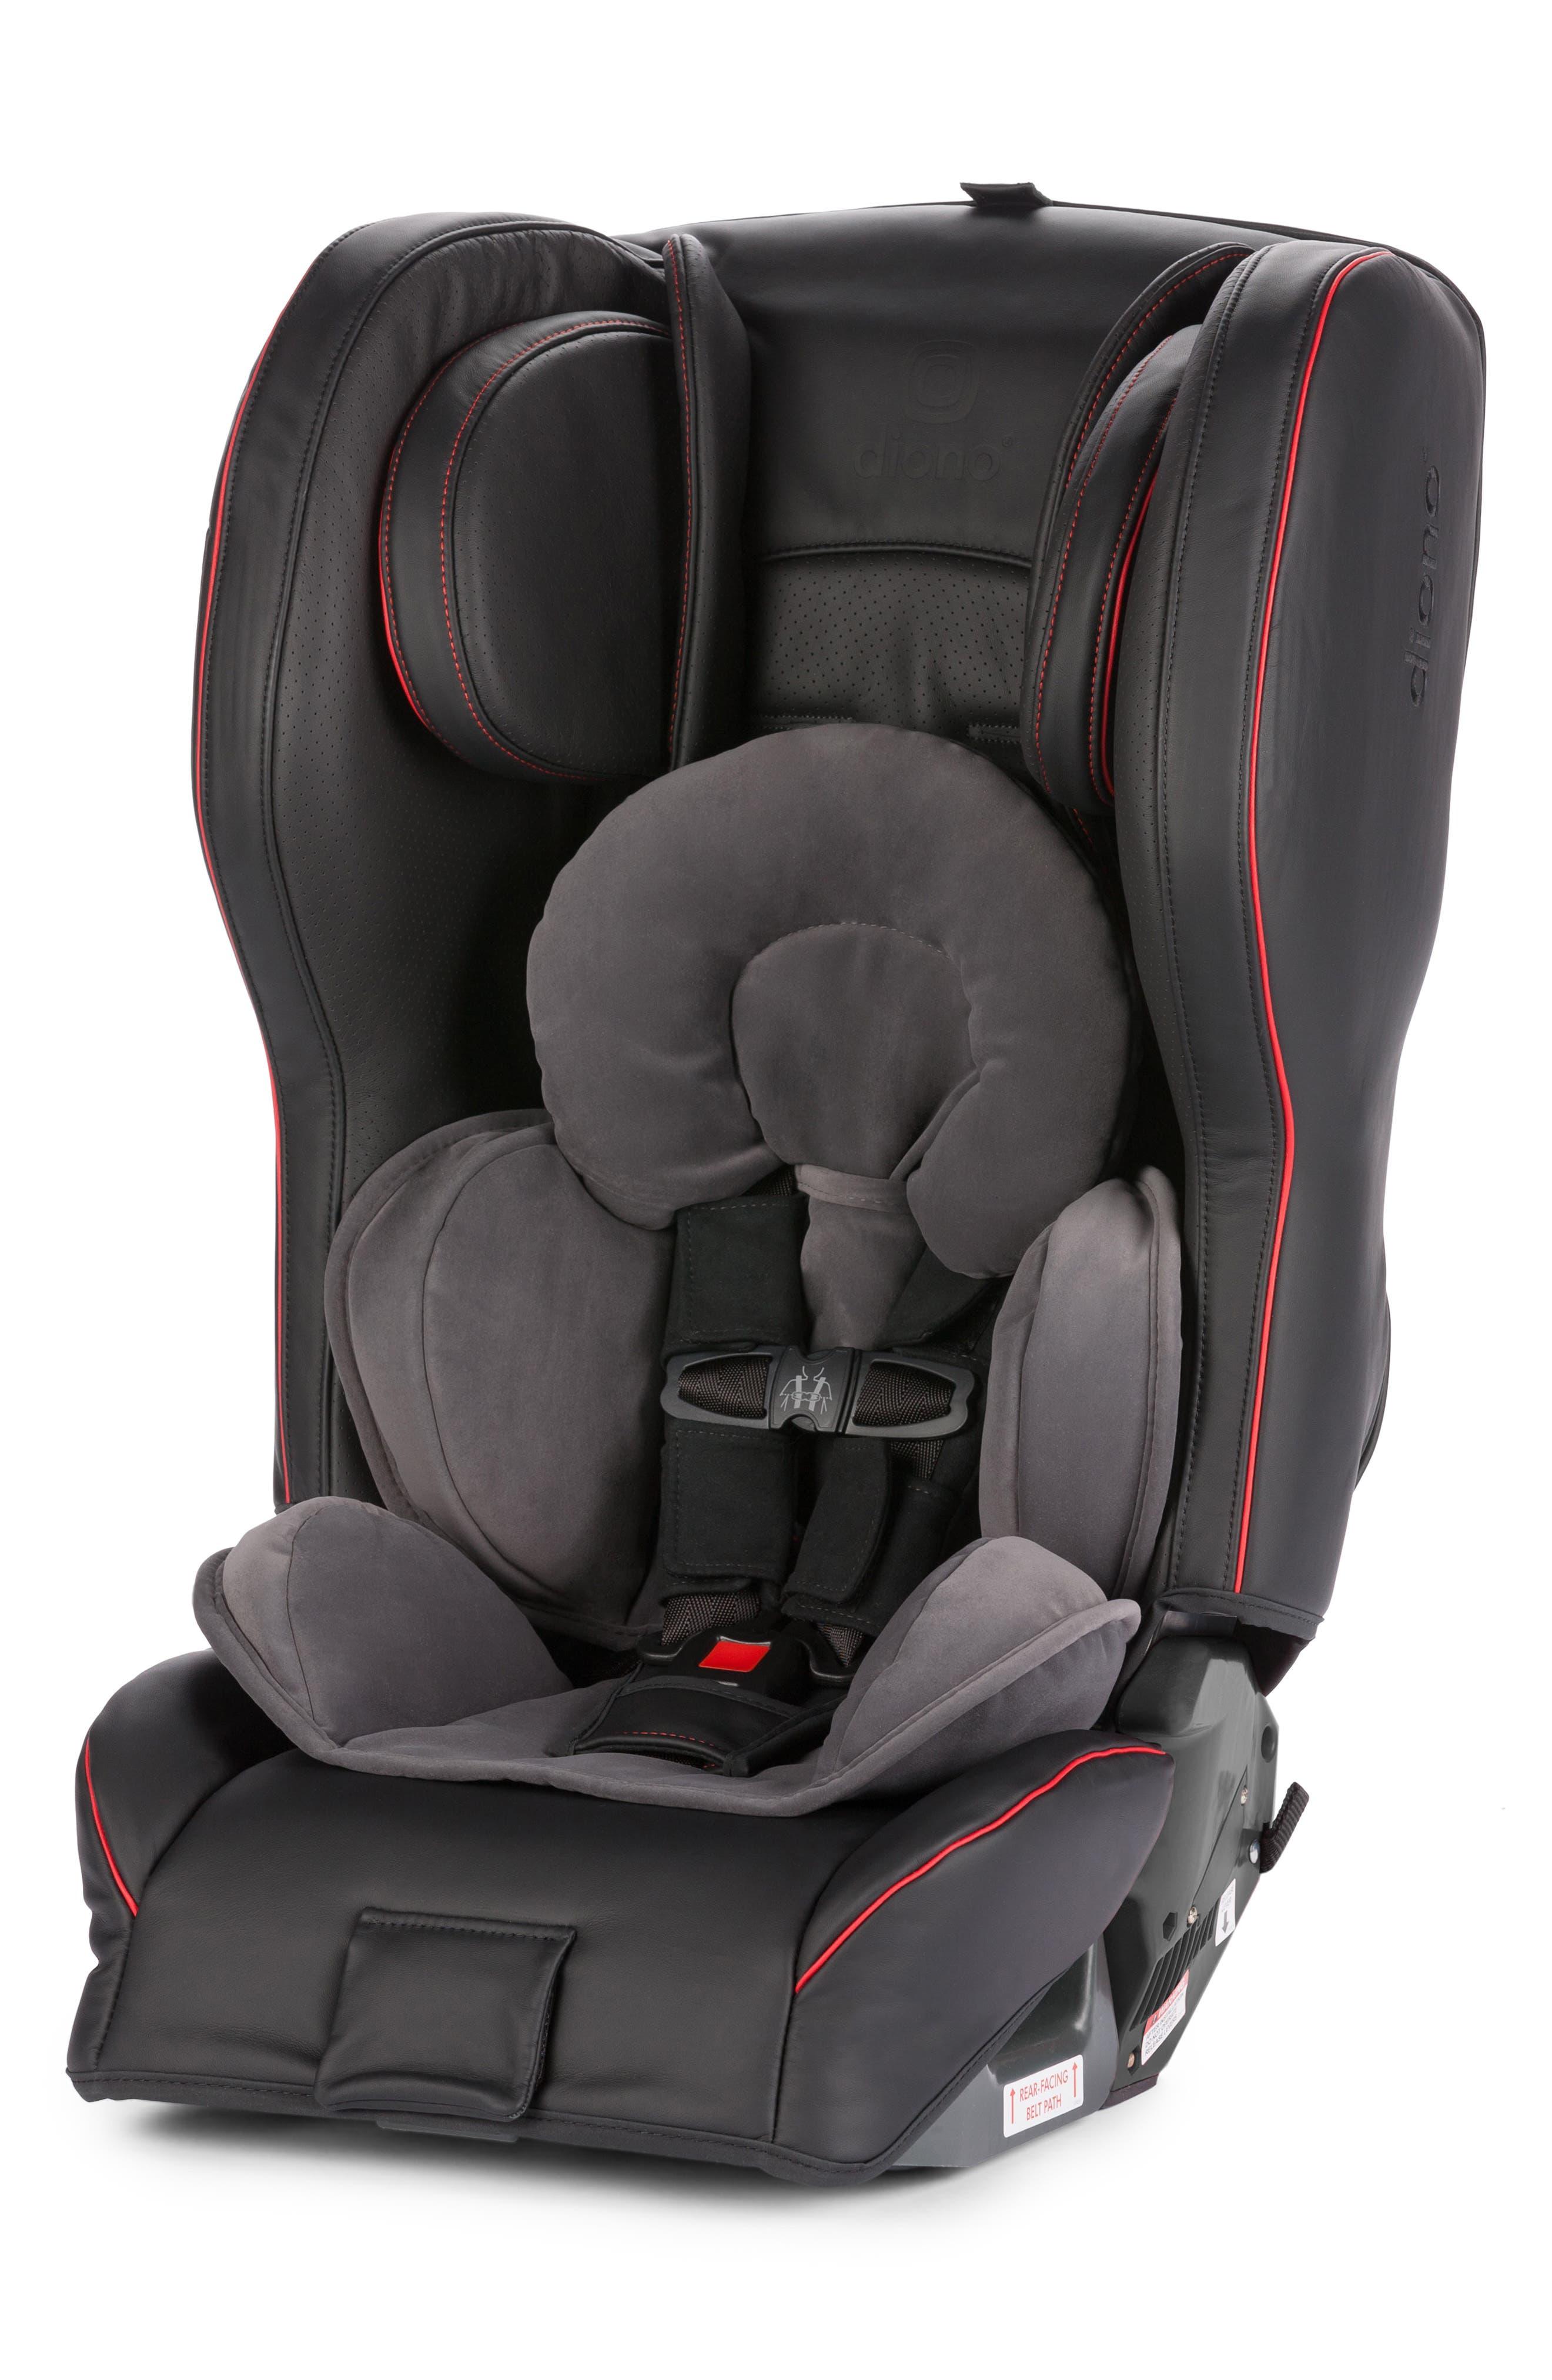 Infant Diono Rainier 2 Axt Prestige Car Seat Size One Size  Black